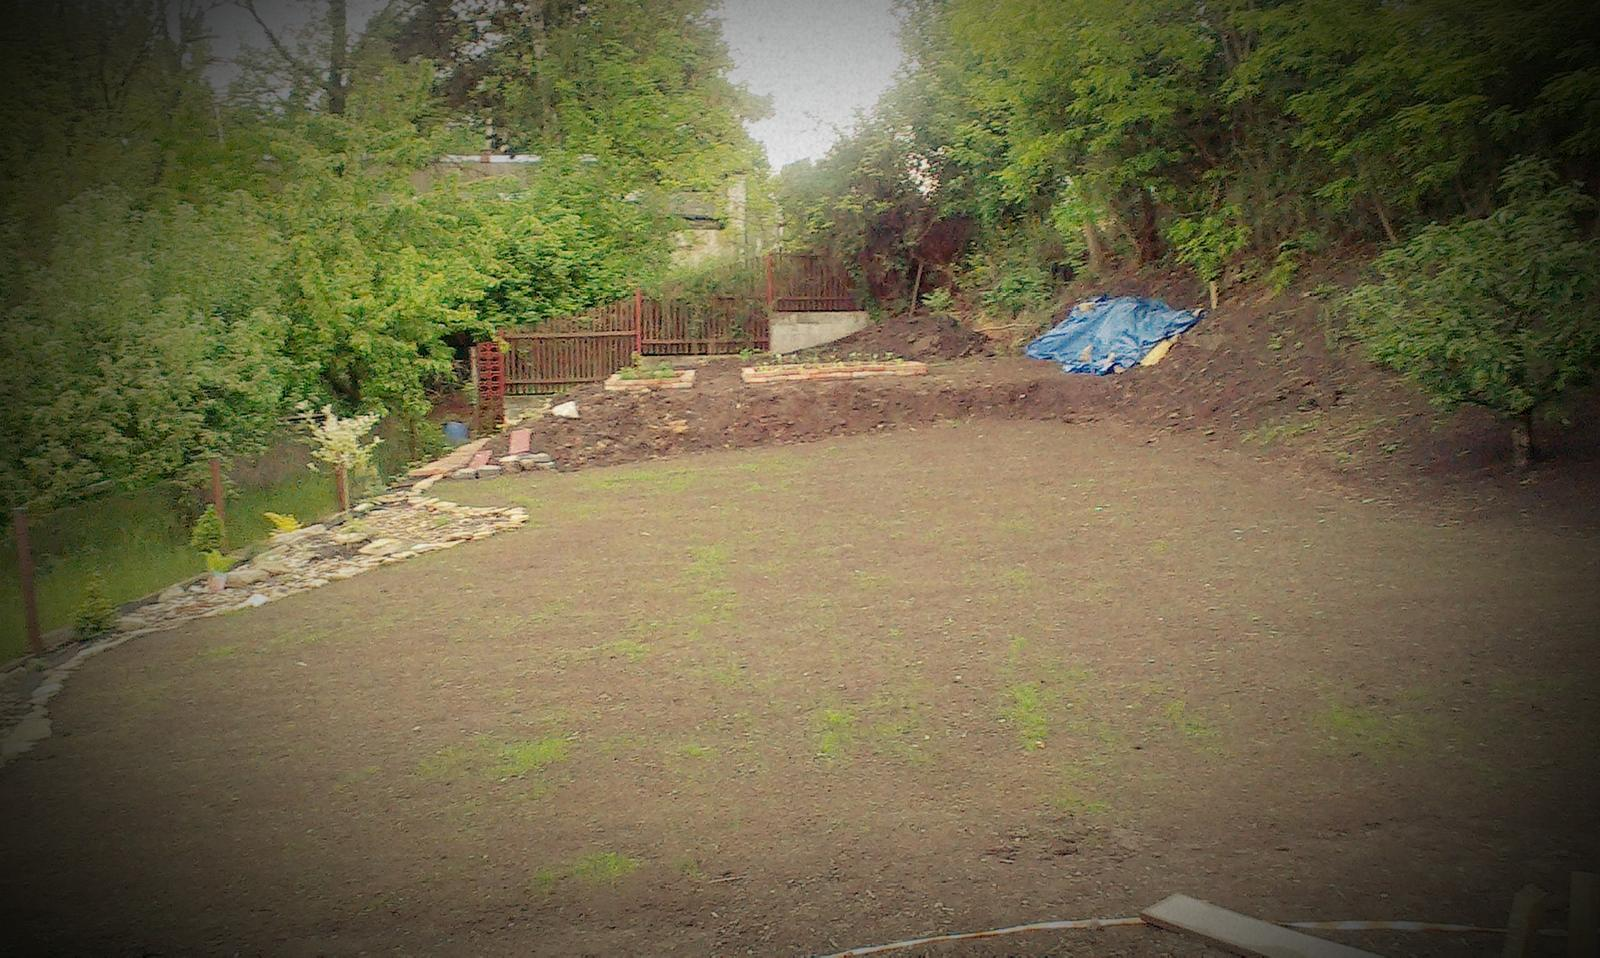 Záhrada - tráva po 12 dňoch